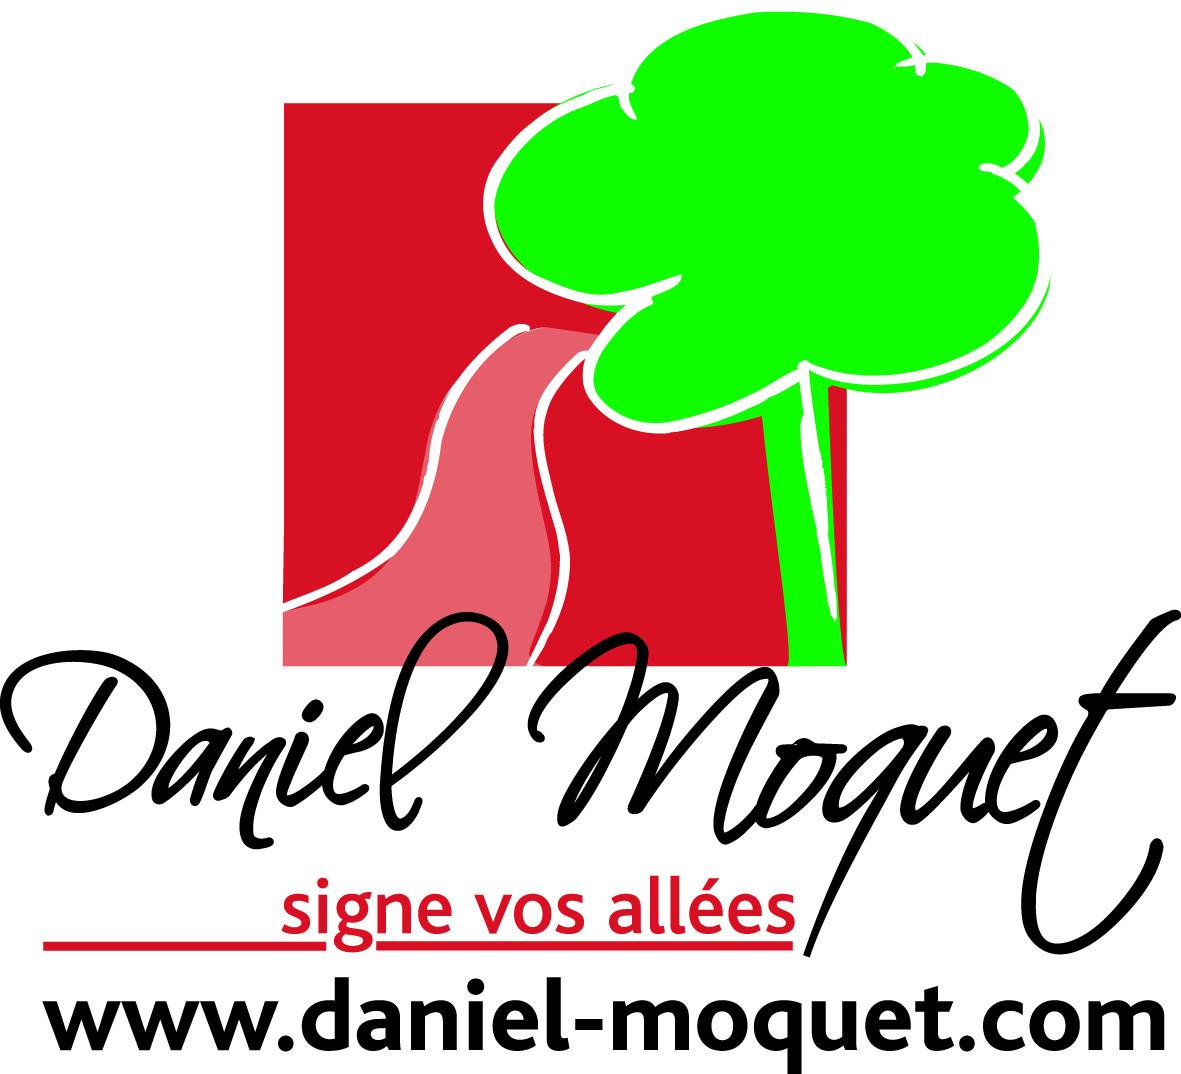 Daniel Moquet signe vos allées - Ent. Accursi